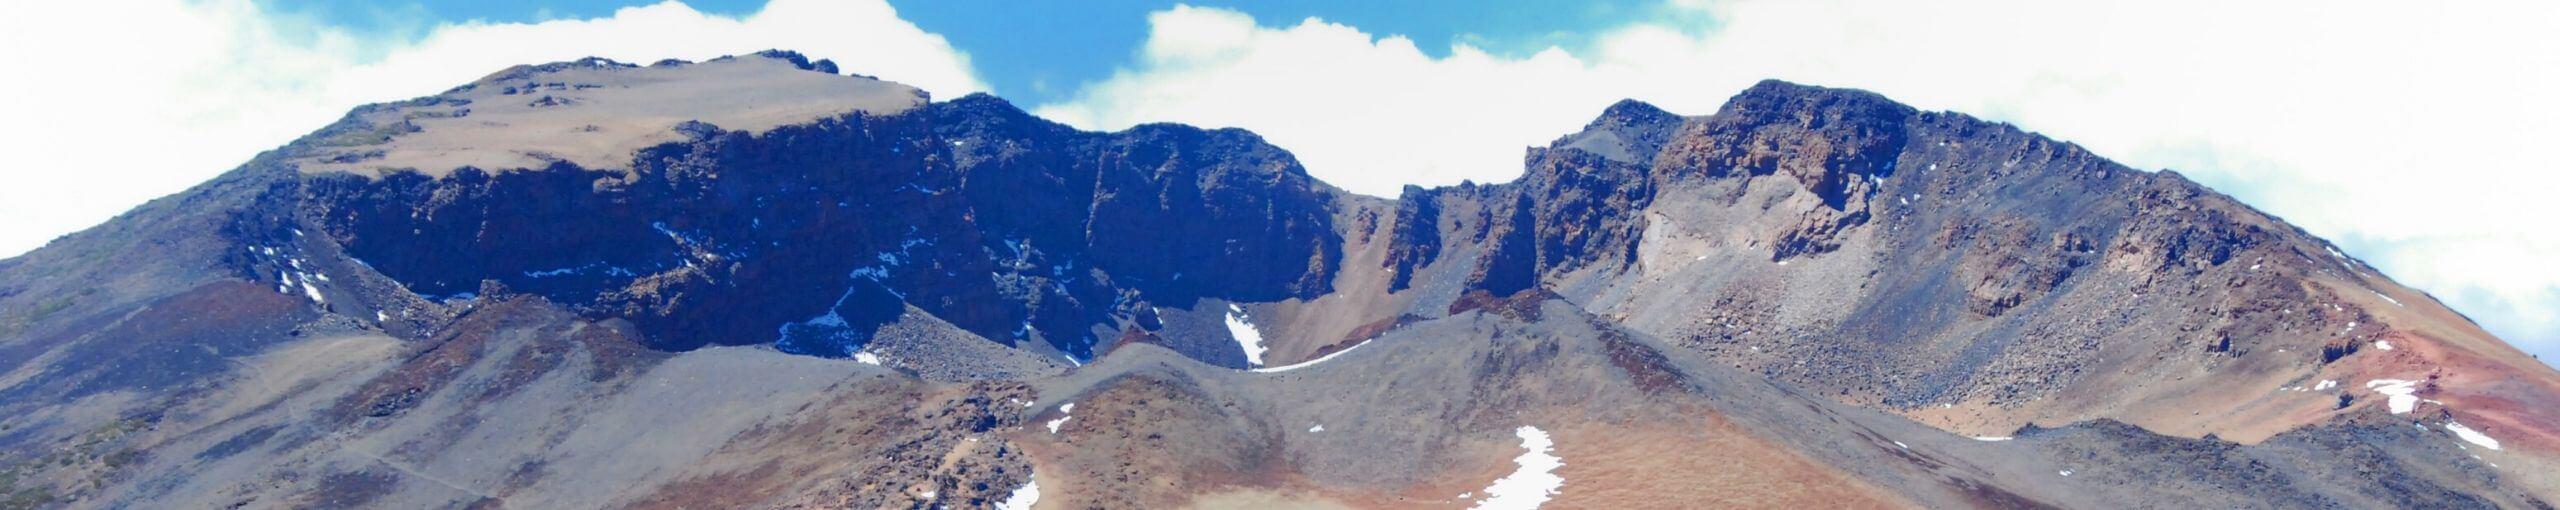 Parque Nacional de las Cañadas del Teide. Volcán de Pico Viejo. Isla de Tenerife, Islas Canarias.